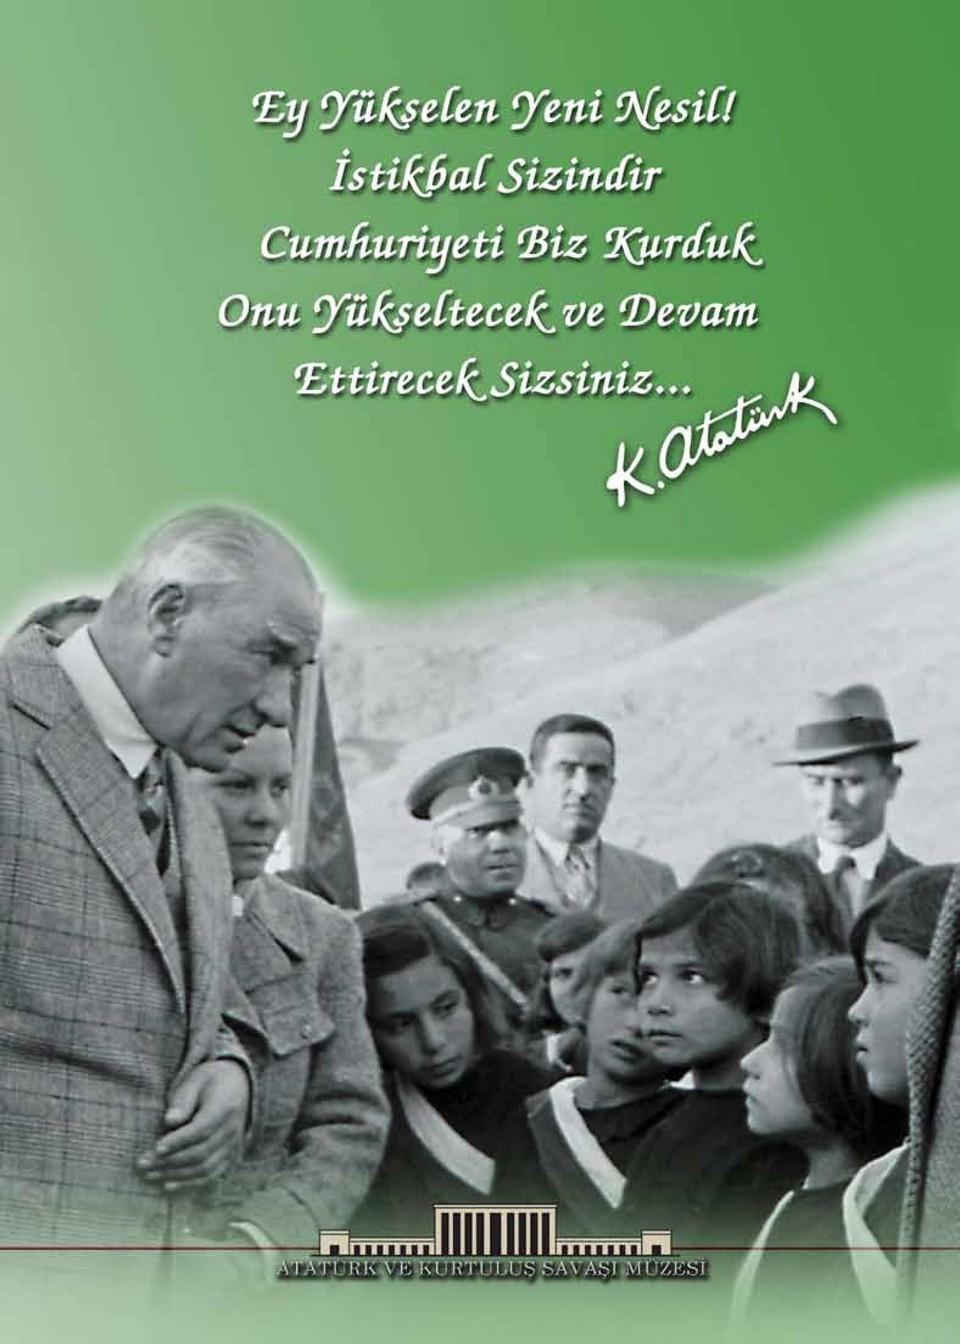 ataturkvecocuk-page-092